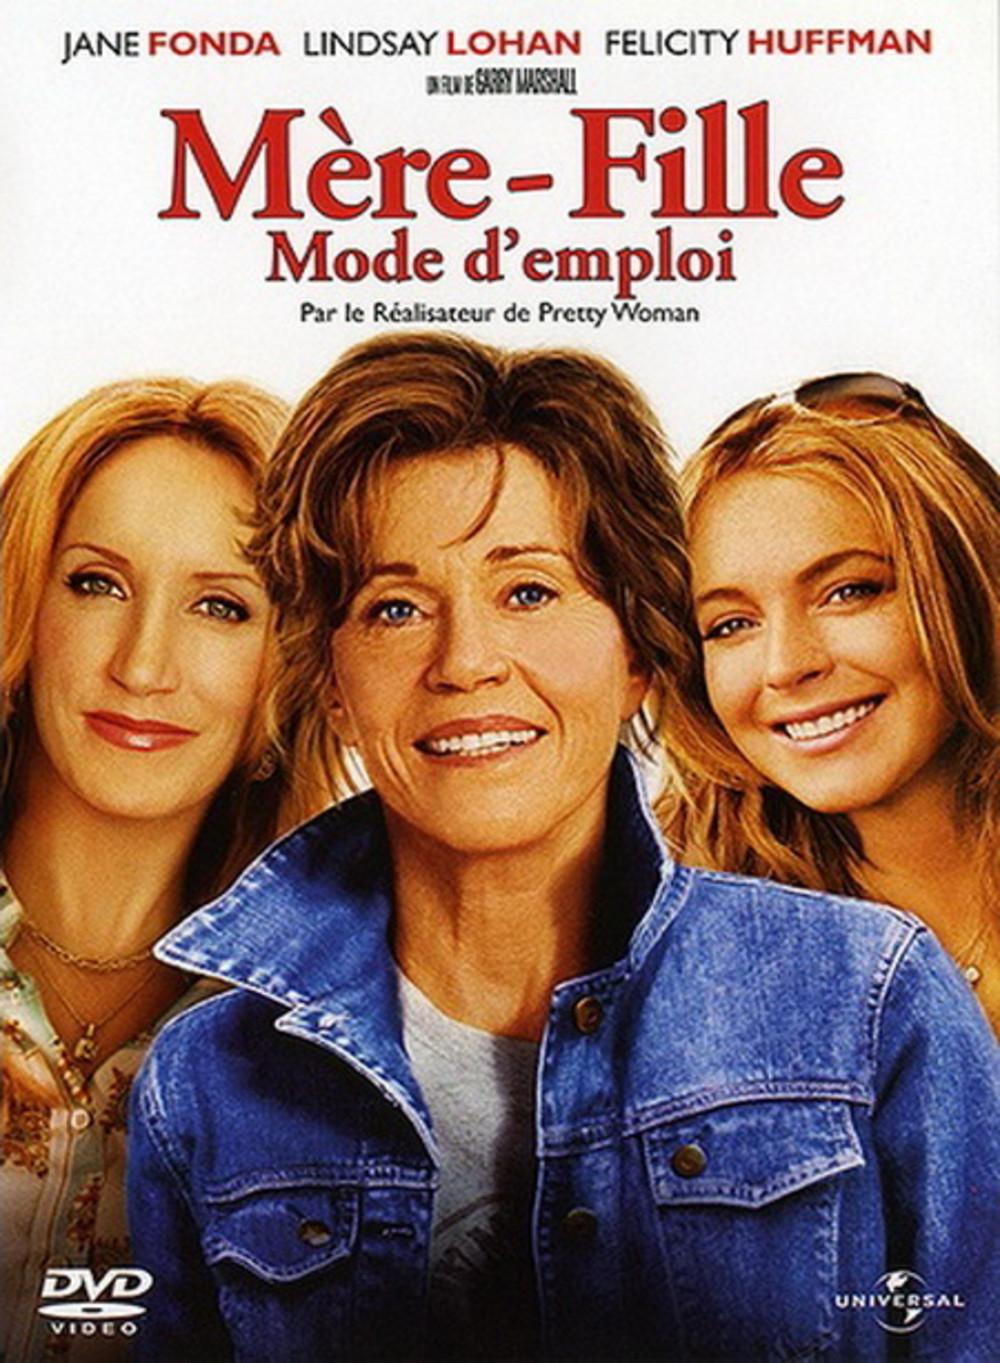 affiche du film Mère-fille, mode d'emploi